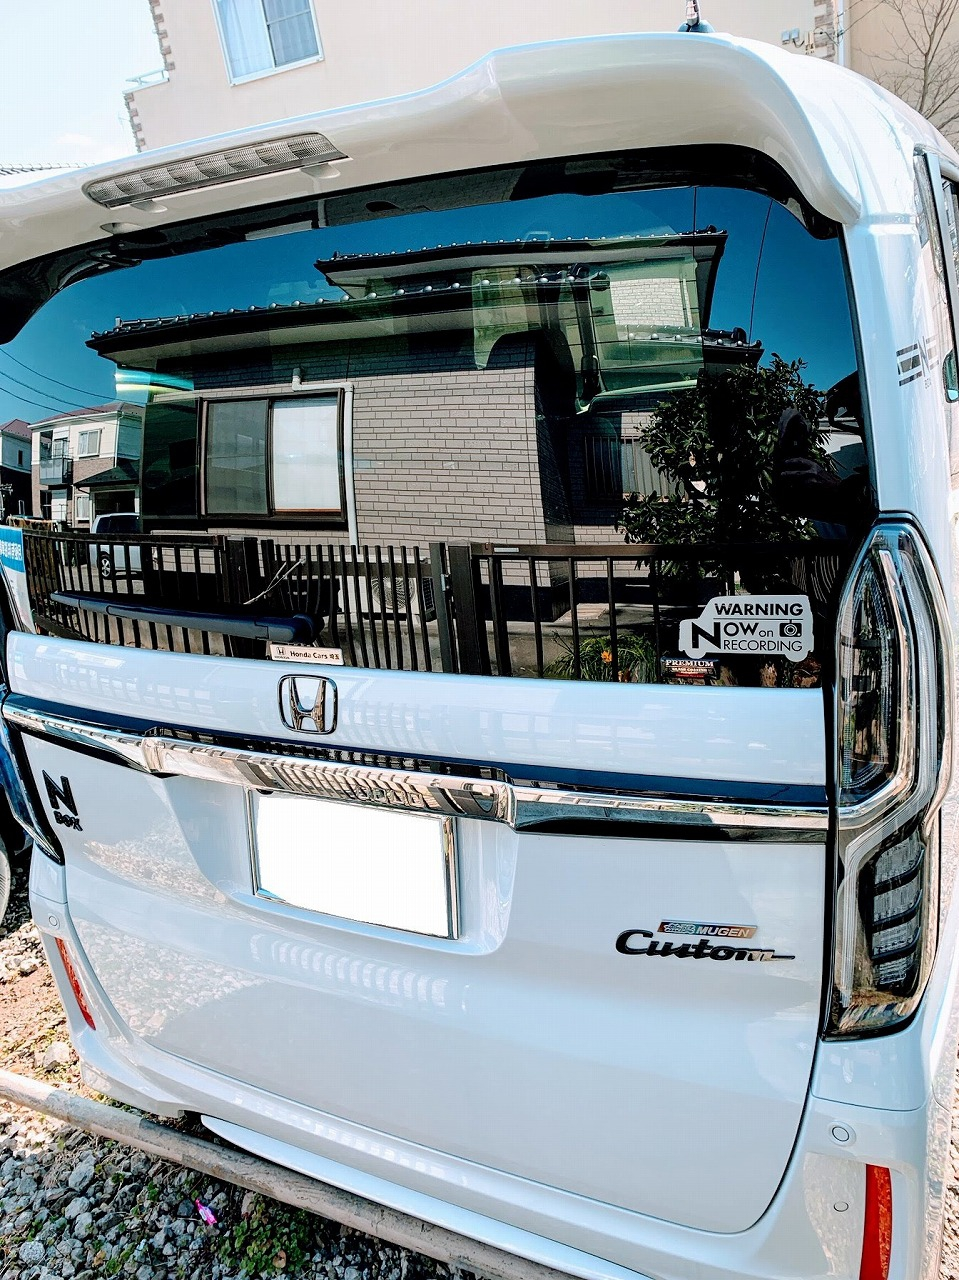 燃費達成や低排出ガス車のシールを剥がしてN-BOX(JF3)デザインのドラレコ録画中警告ステッカーを貼ってみた♪